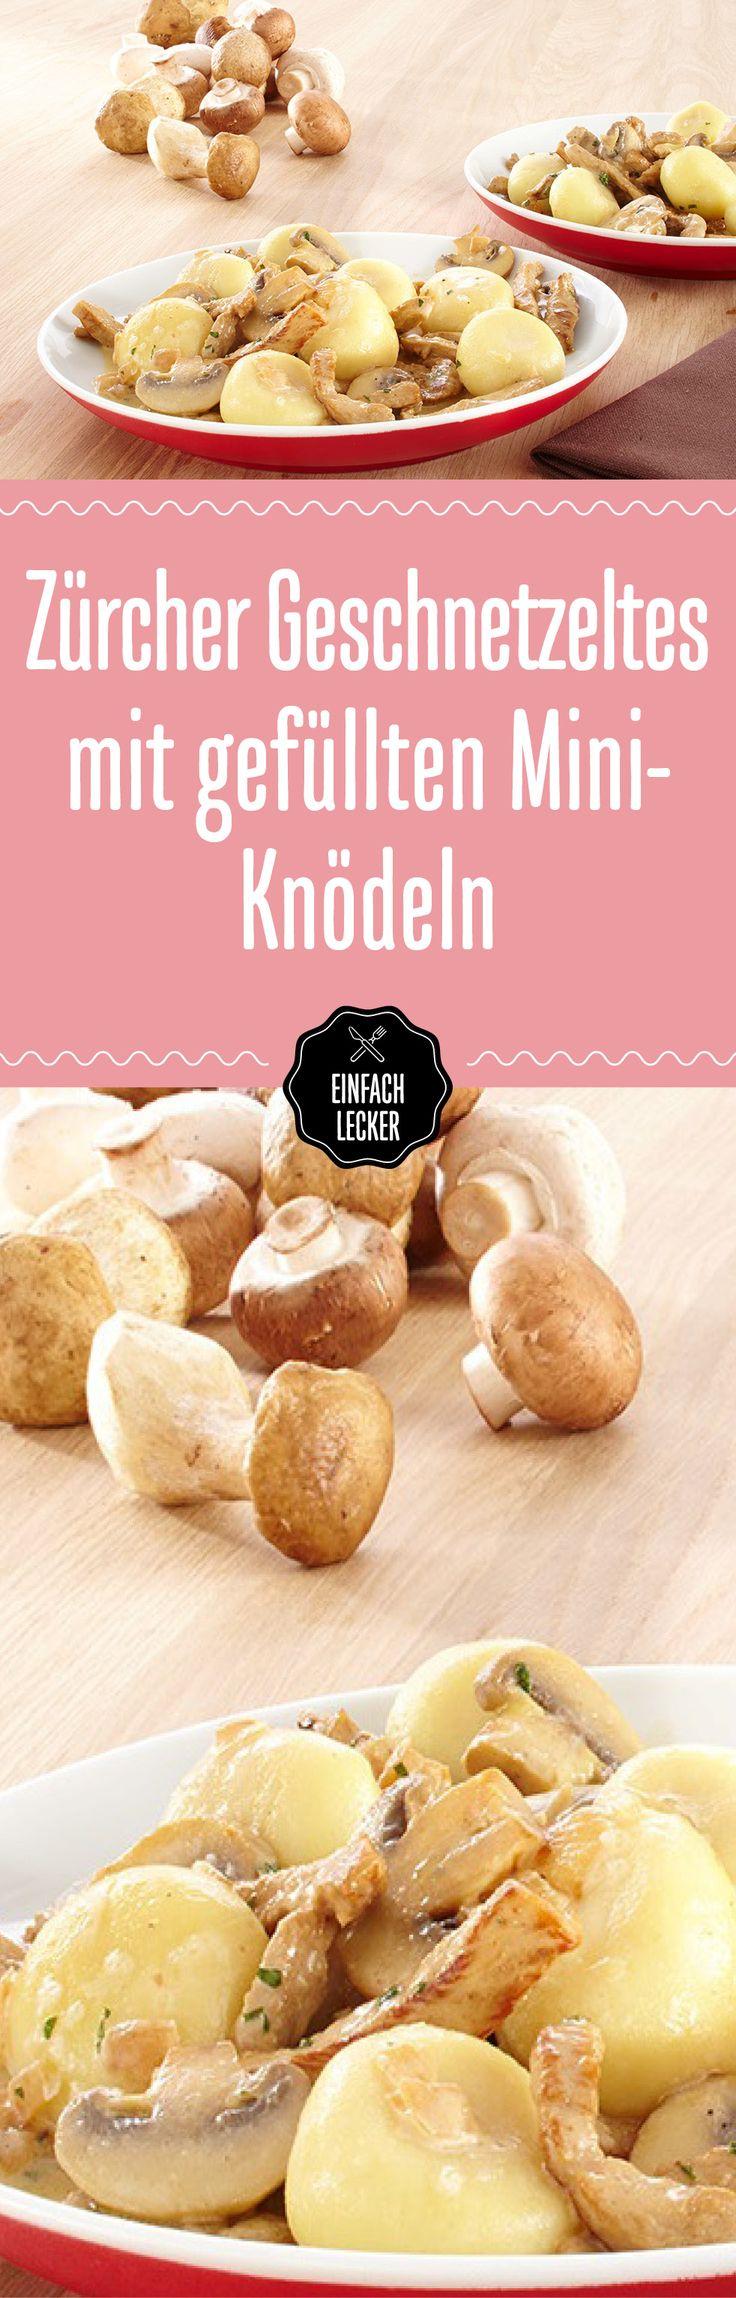 Grüezi guter Geschmack. Denn wir kombinieren ein Schweizer Nationalgericht mit gefüllten Mini-Knödeln. Fein!